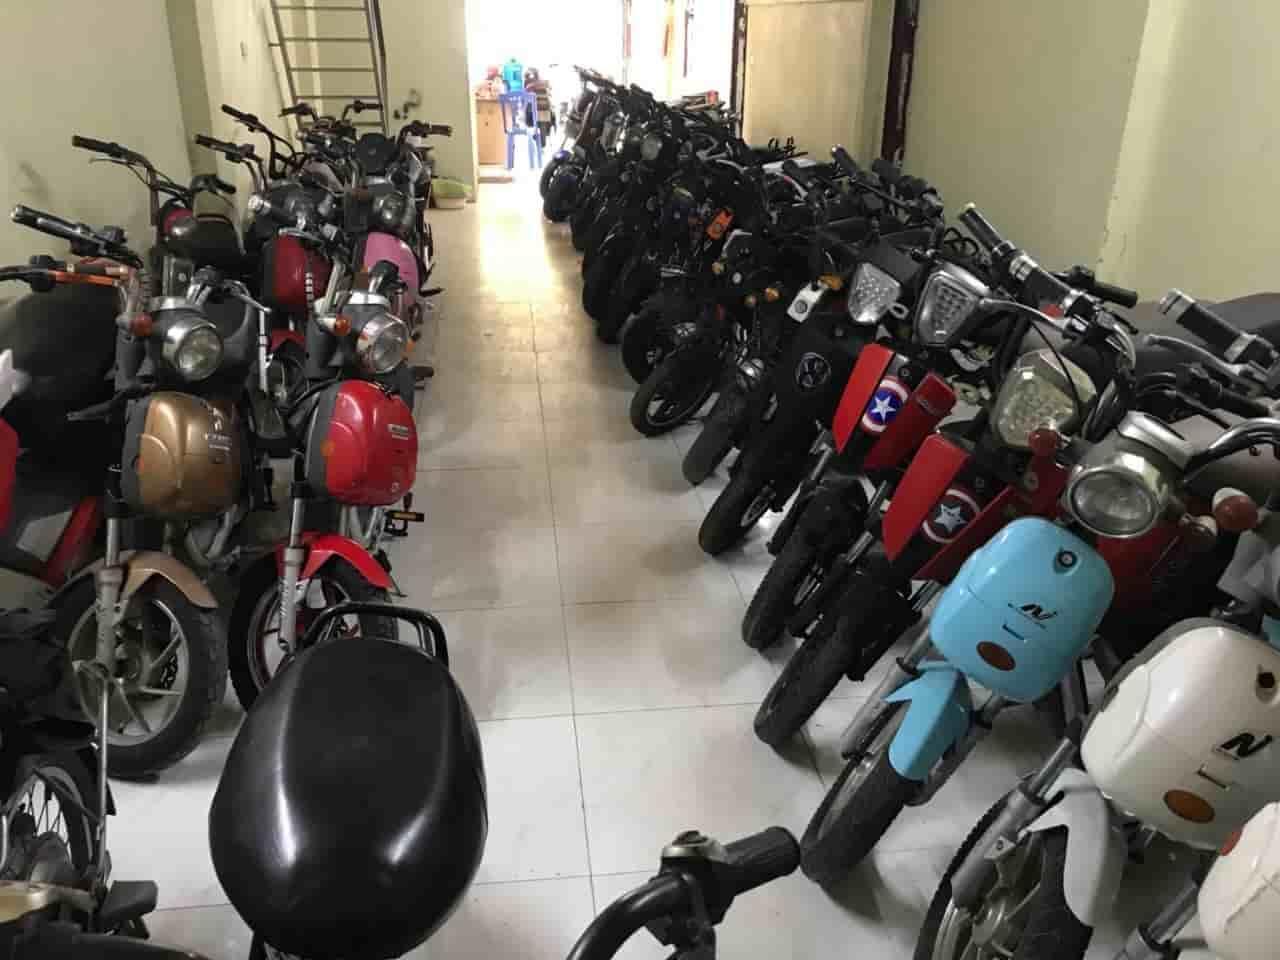 xe đạp điện cũ tại Huyện Thanh Miện - Hải Dương